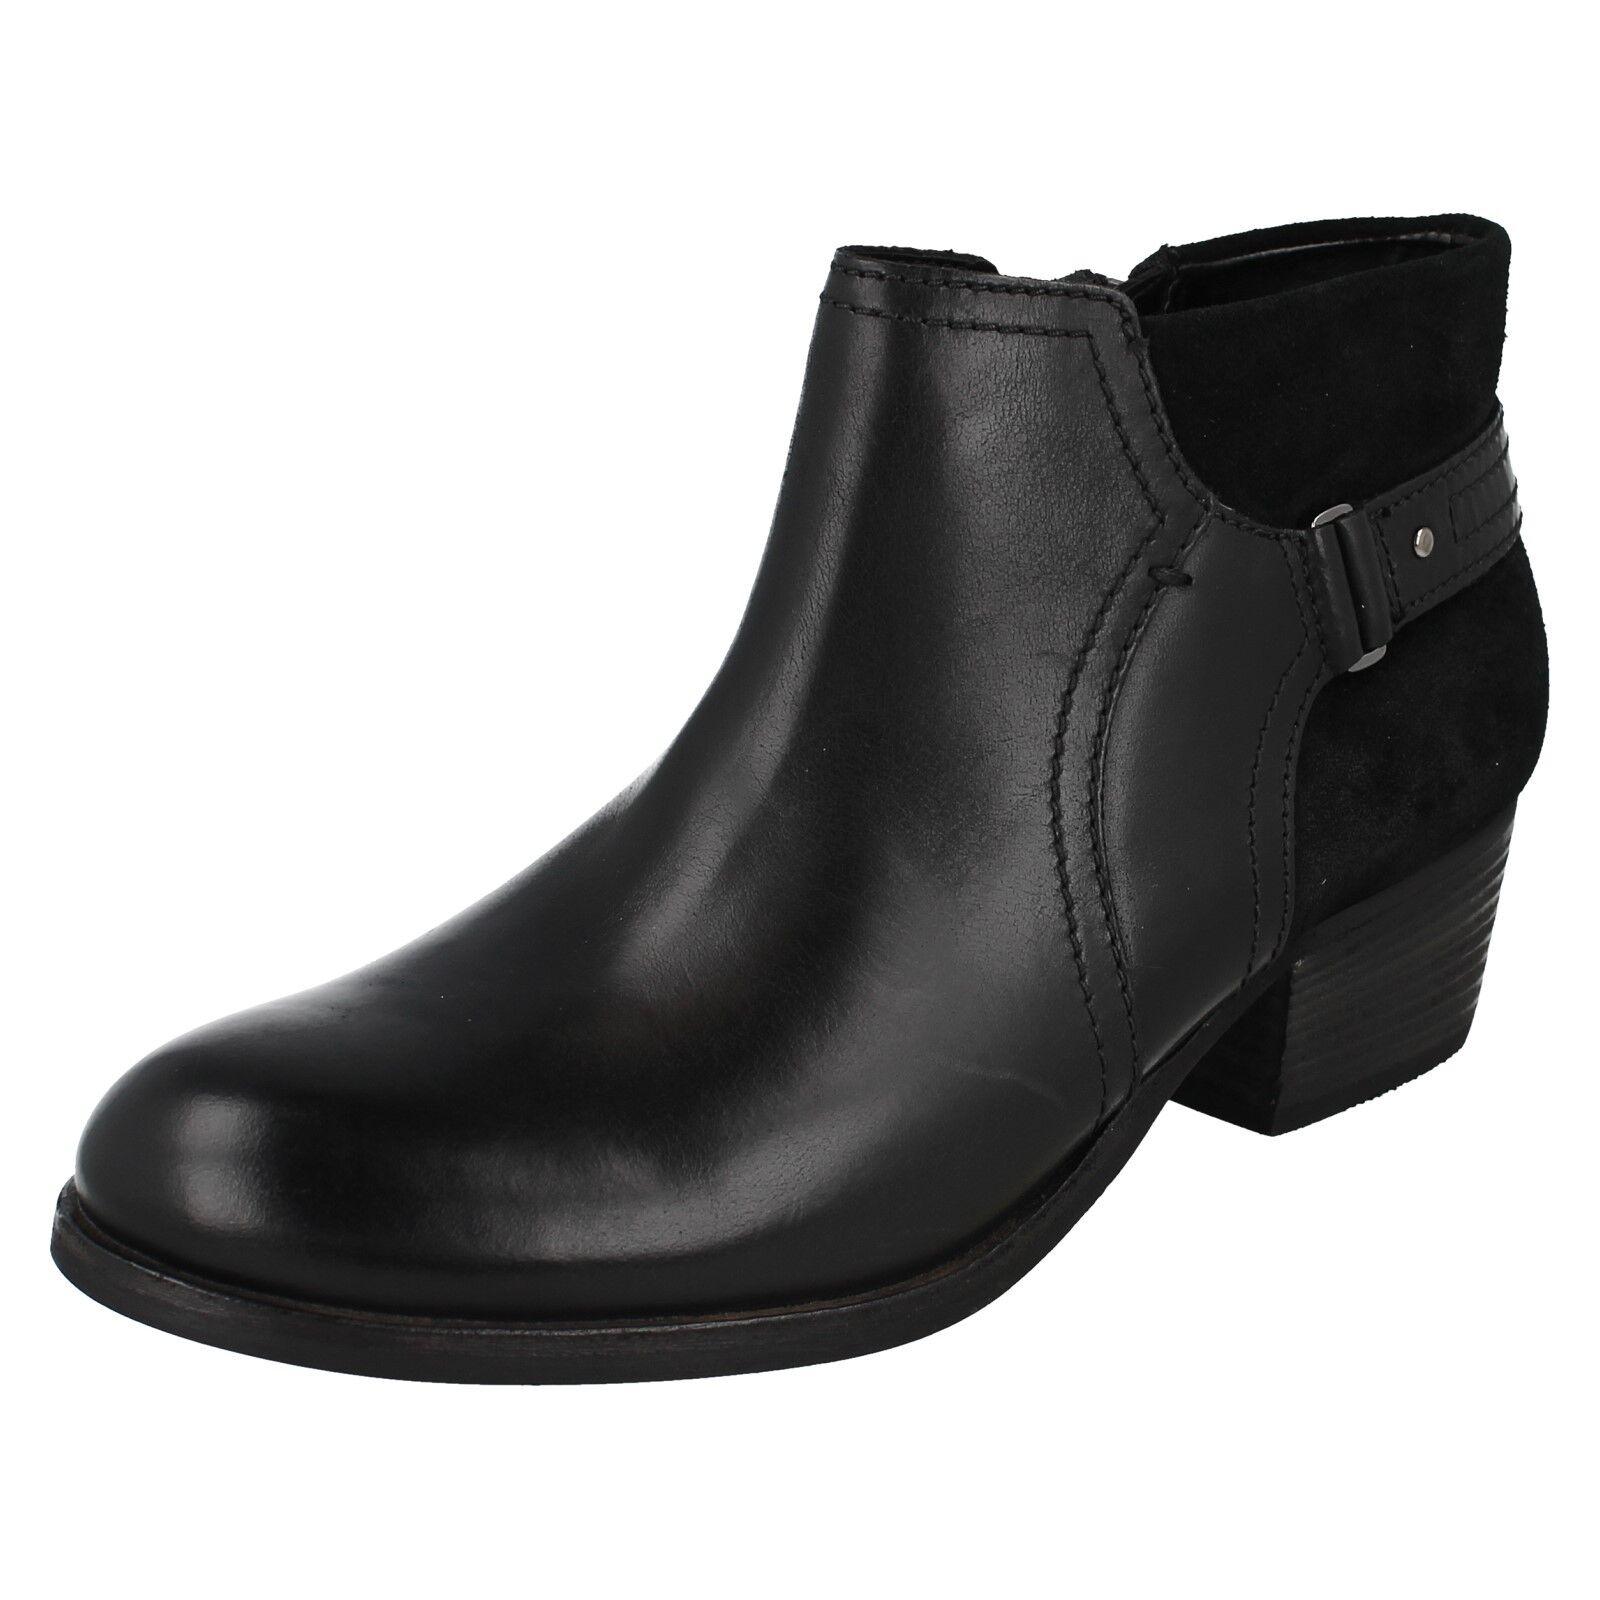 Damen Clarks Stiefeletten Reißverschluss mittelhoch Leder Freizeit Stiefeletten Clarks Schuhe 8dbfc9